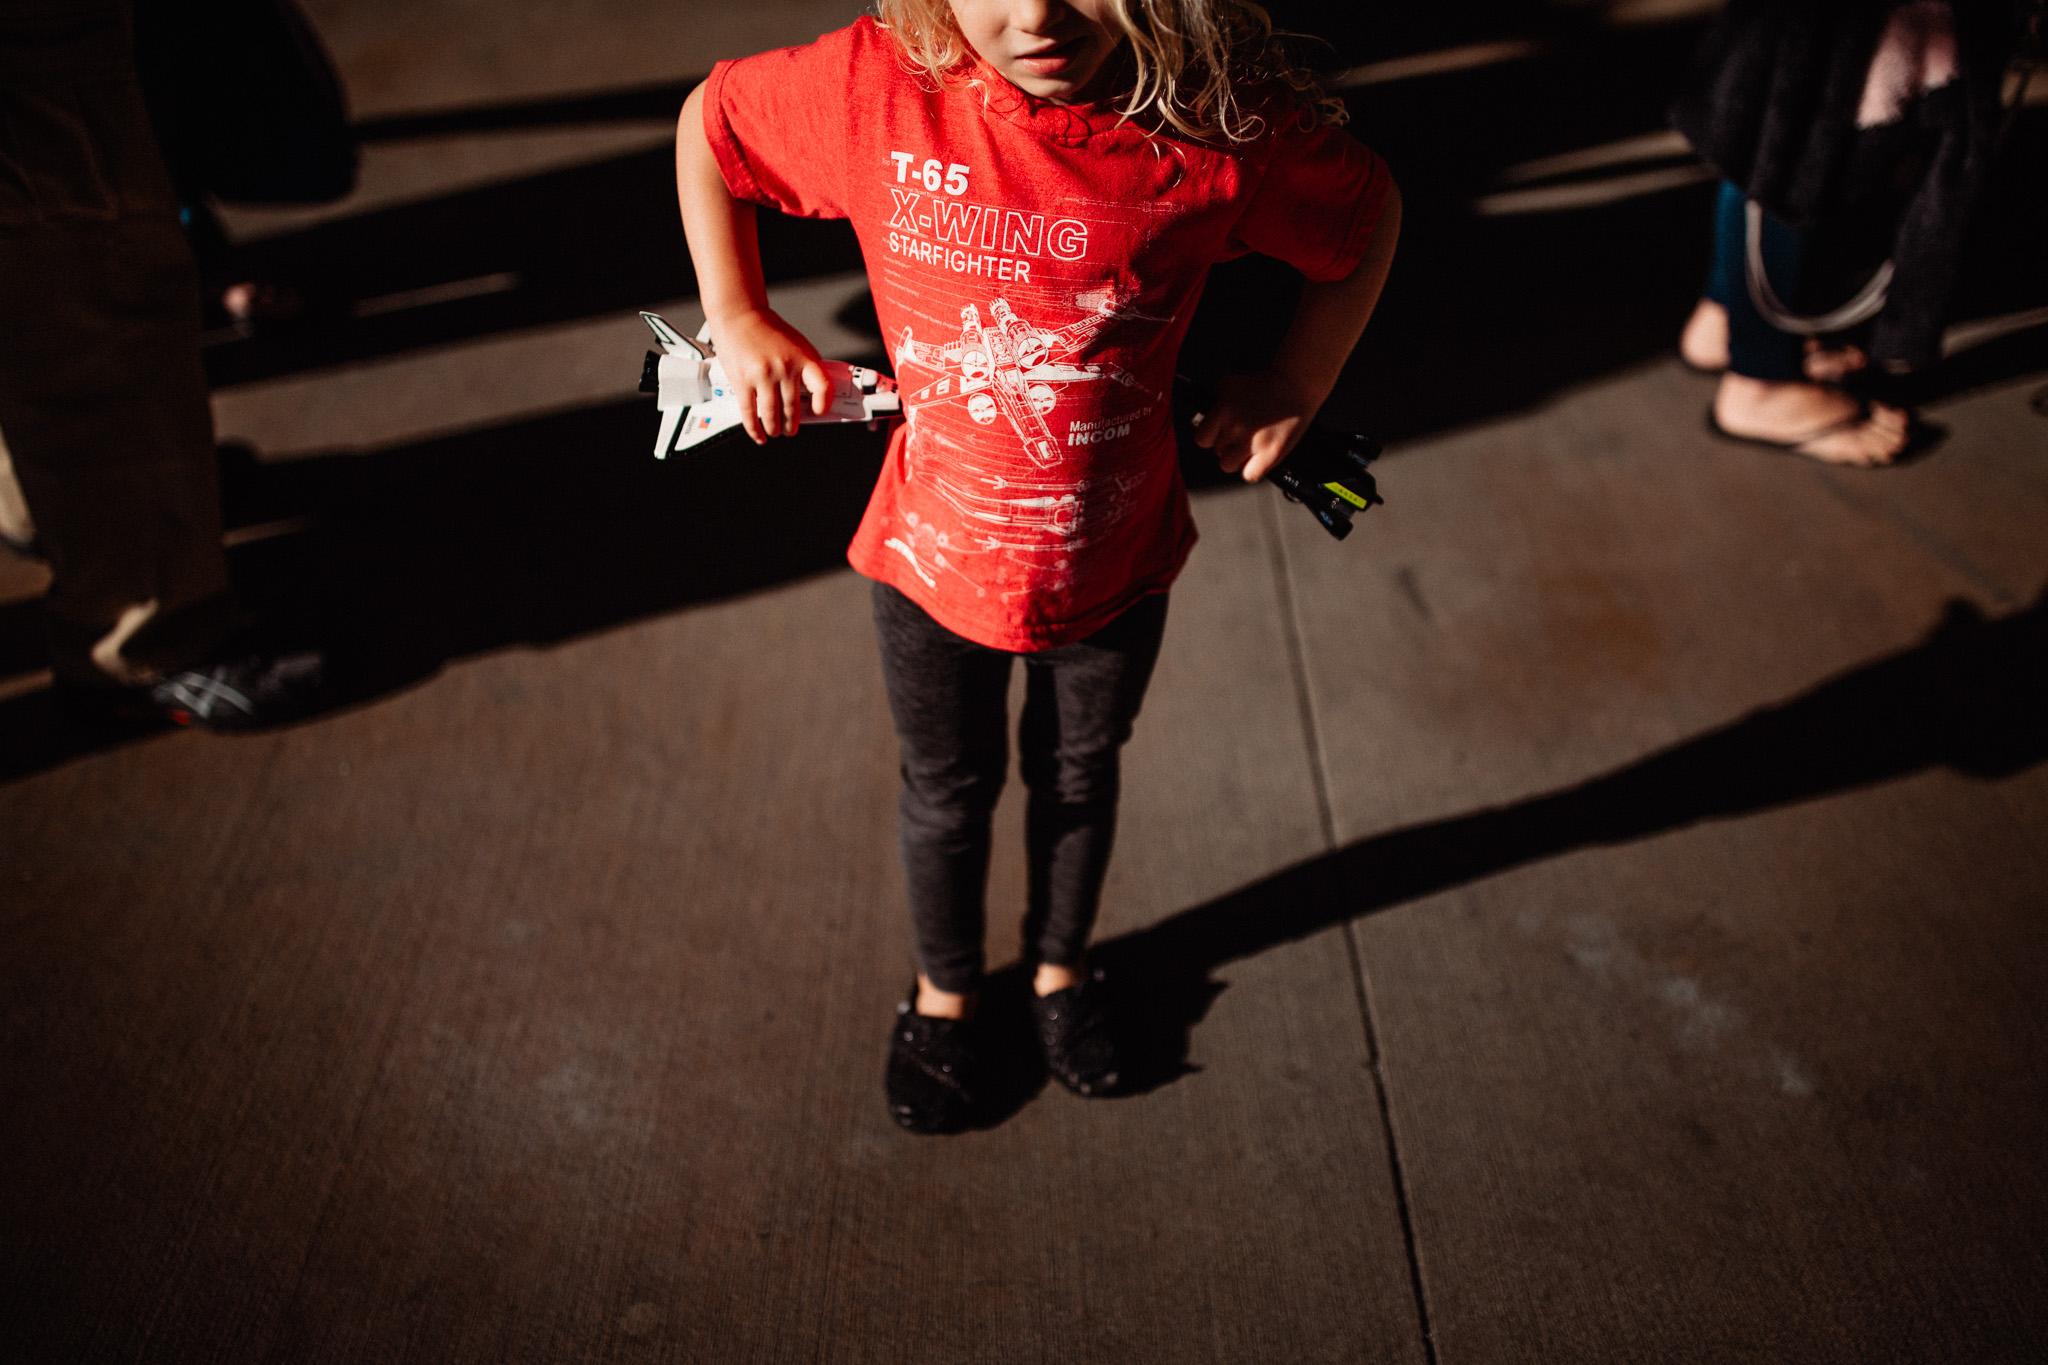 little girl star wars nerd